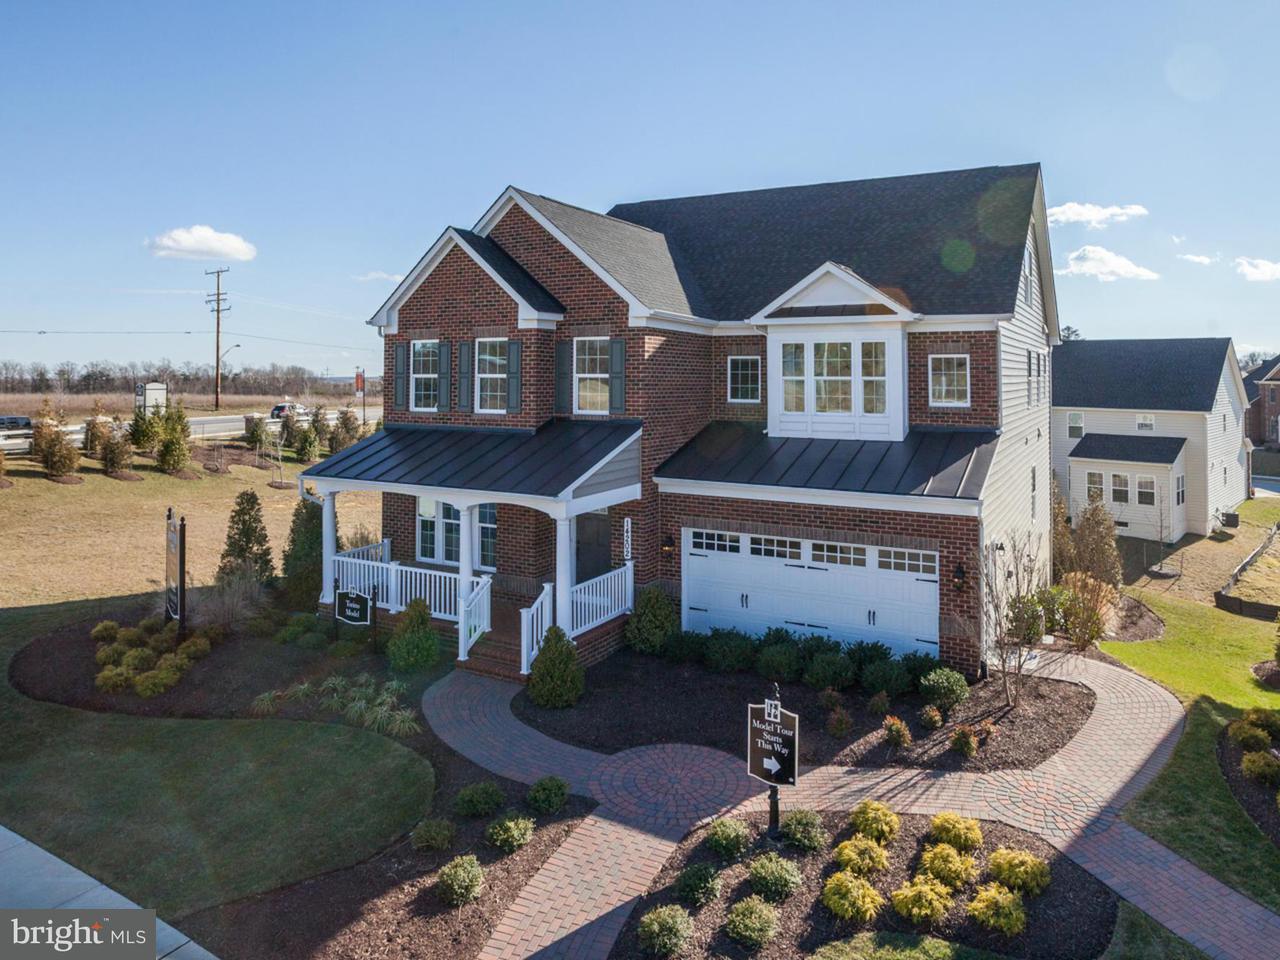 Maison unifamiliale pour l Vente à 14624 BENTLEY PARK Drive 14624 BENTLEY PARK Drive Burtonsville, Maryland 20866 États-Unis